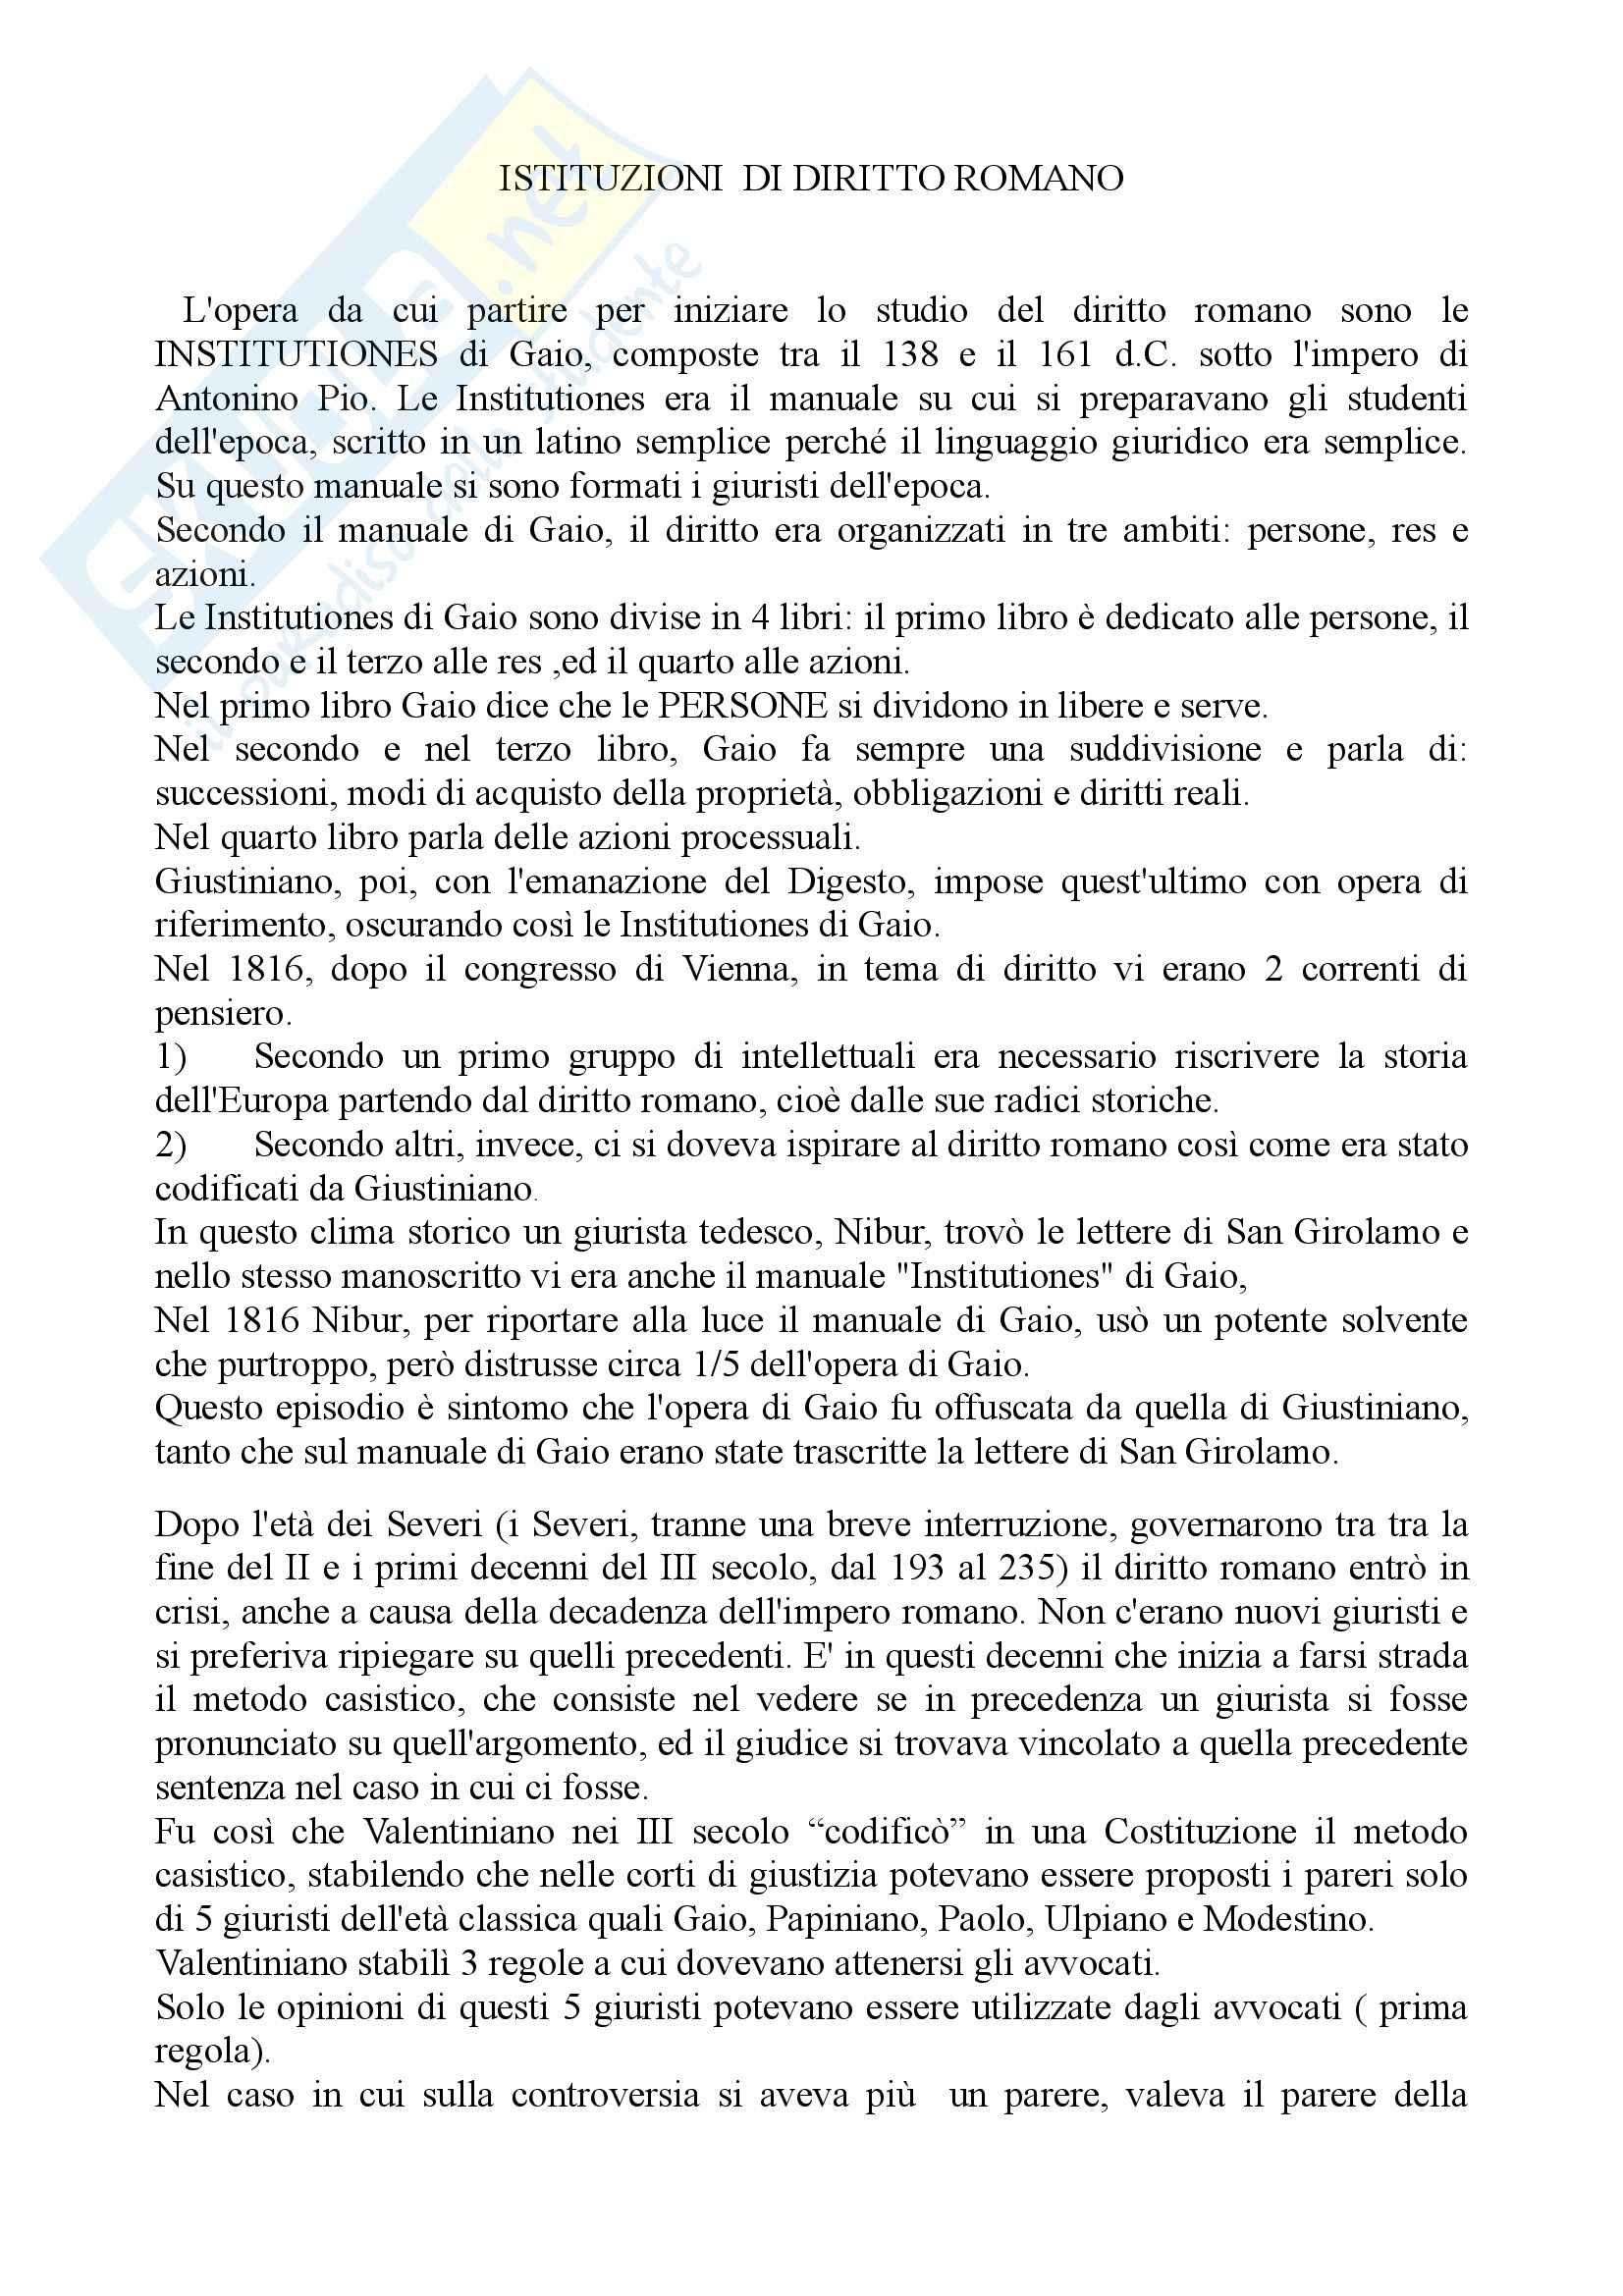 Diritto romano - Institutione di Gaio